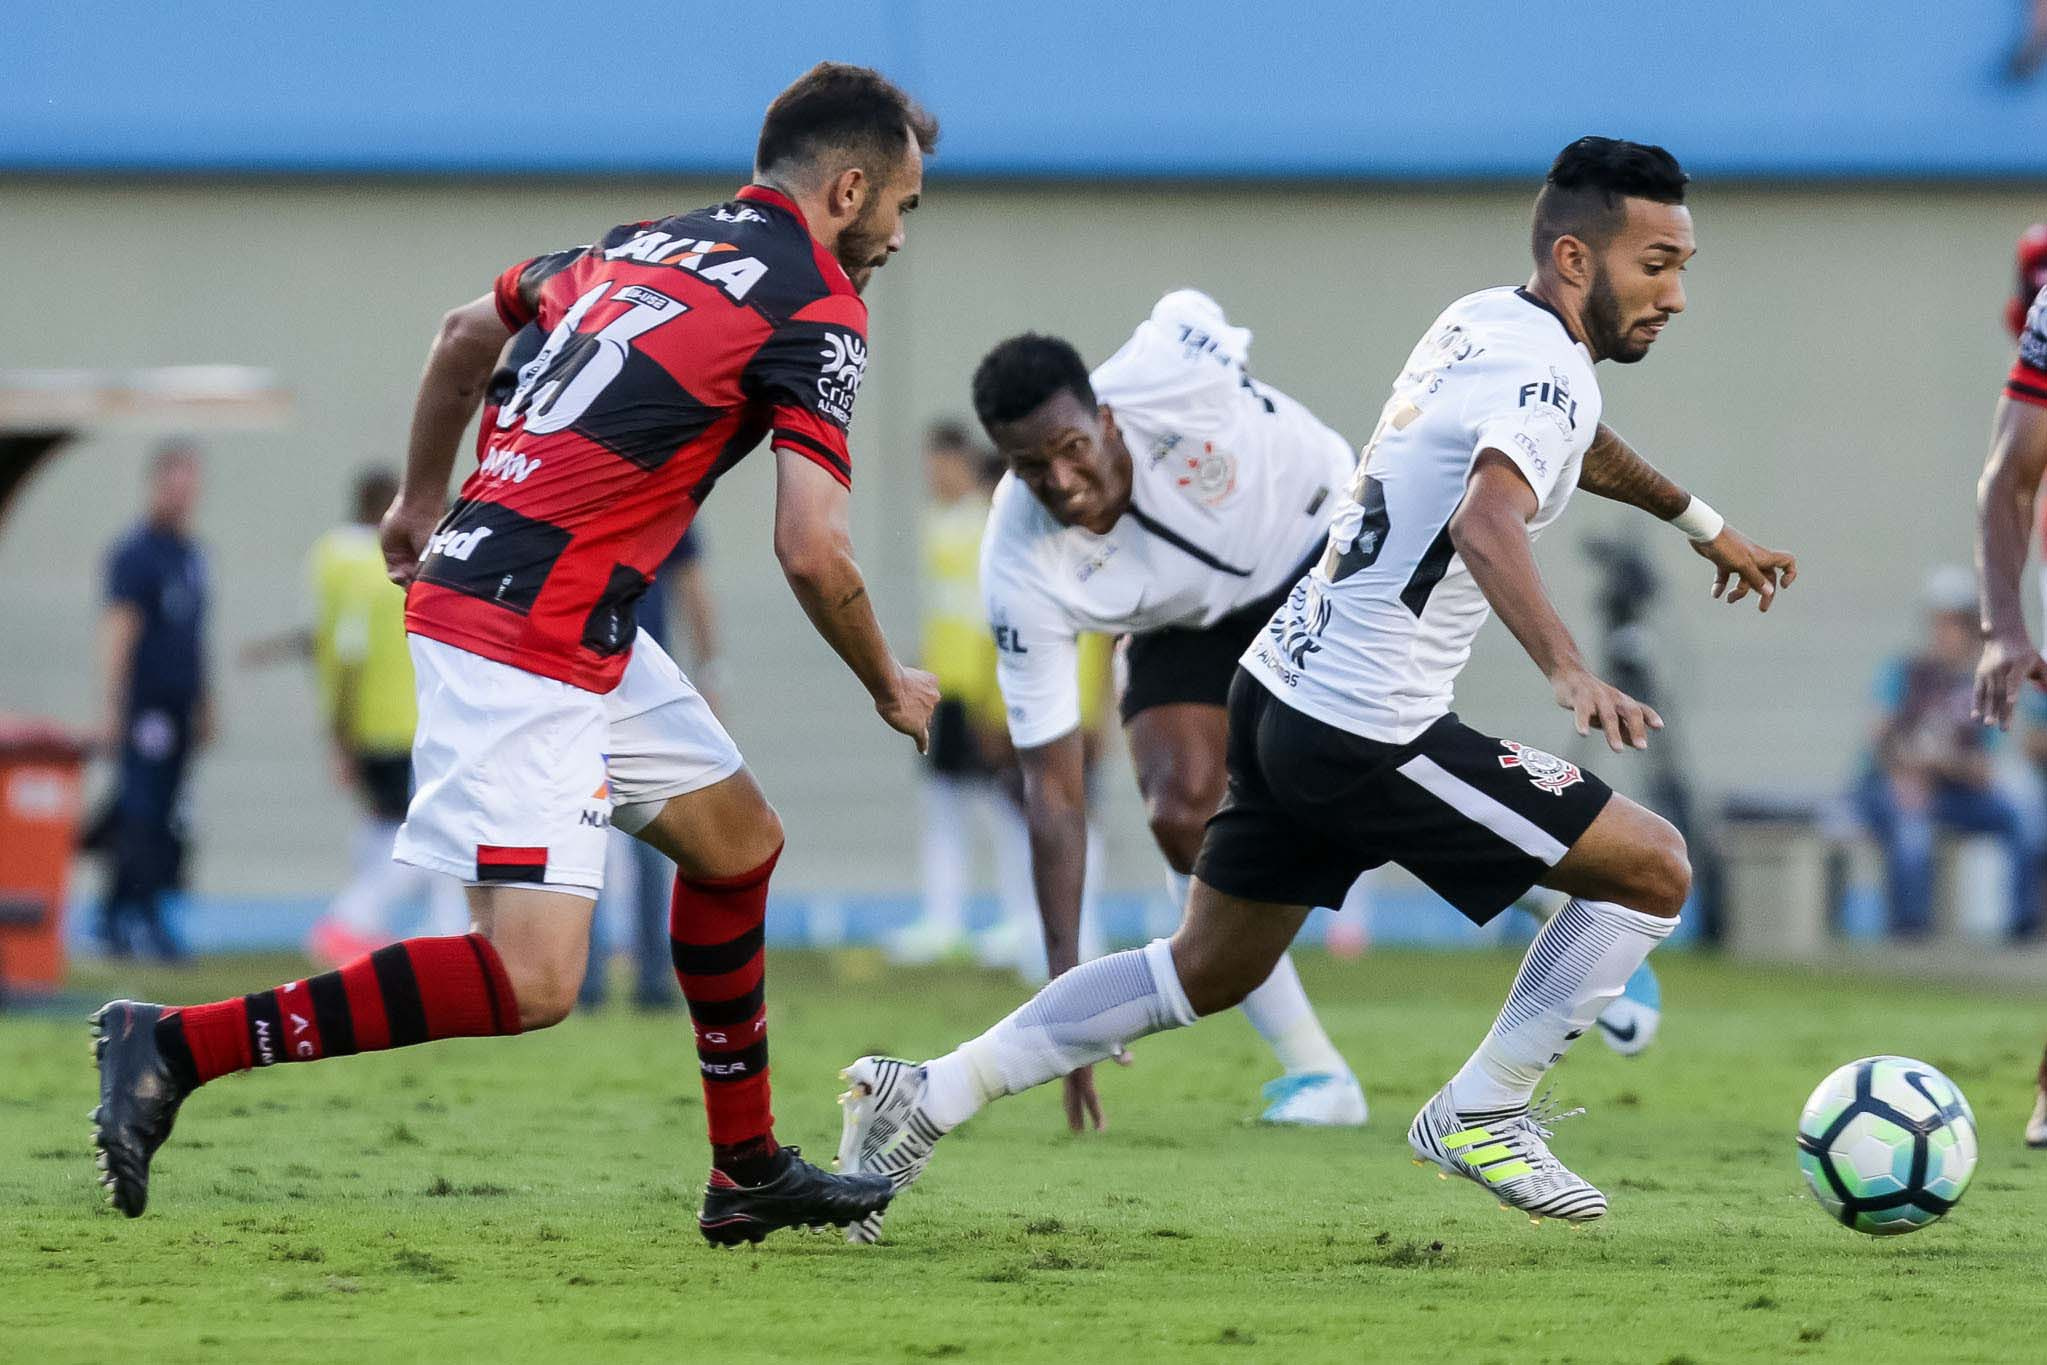 Atlético e Cortinhians negociam jogadores | Foto: Rodrigo Gazzanel / Agência Corinthians